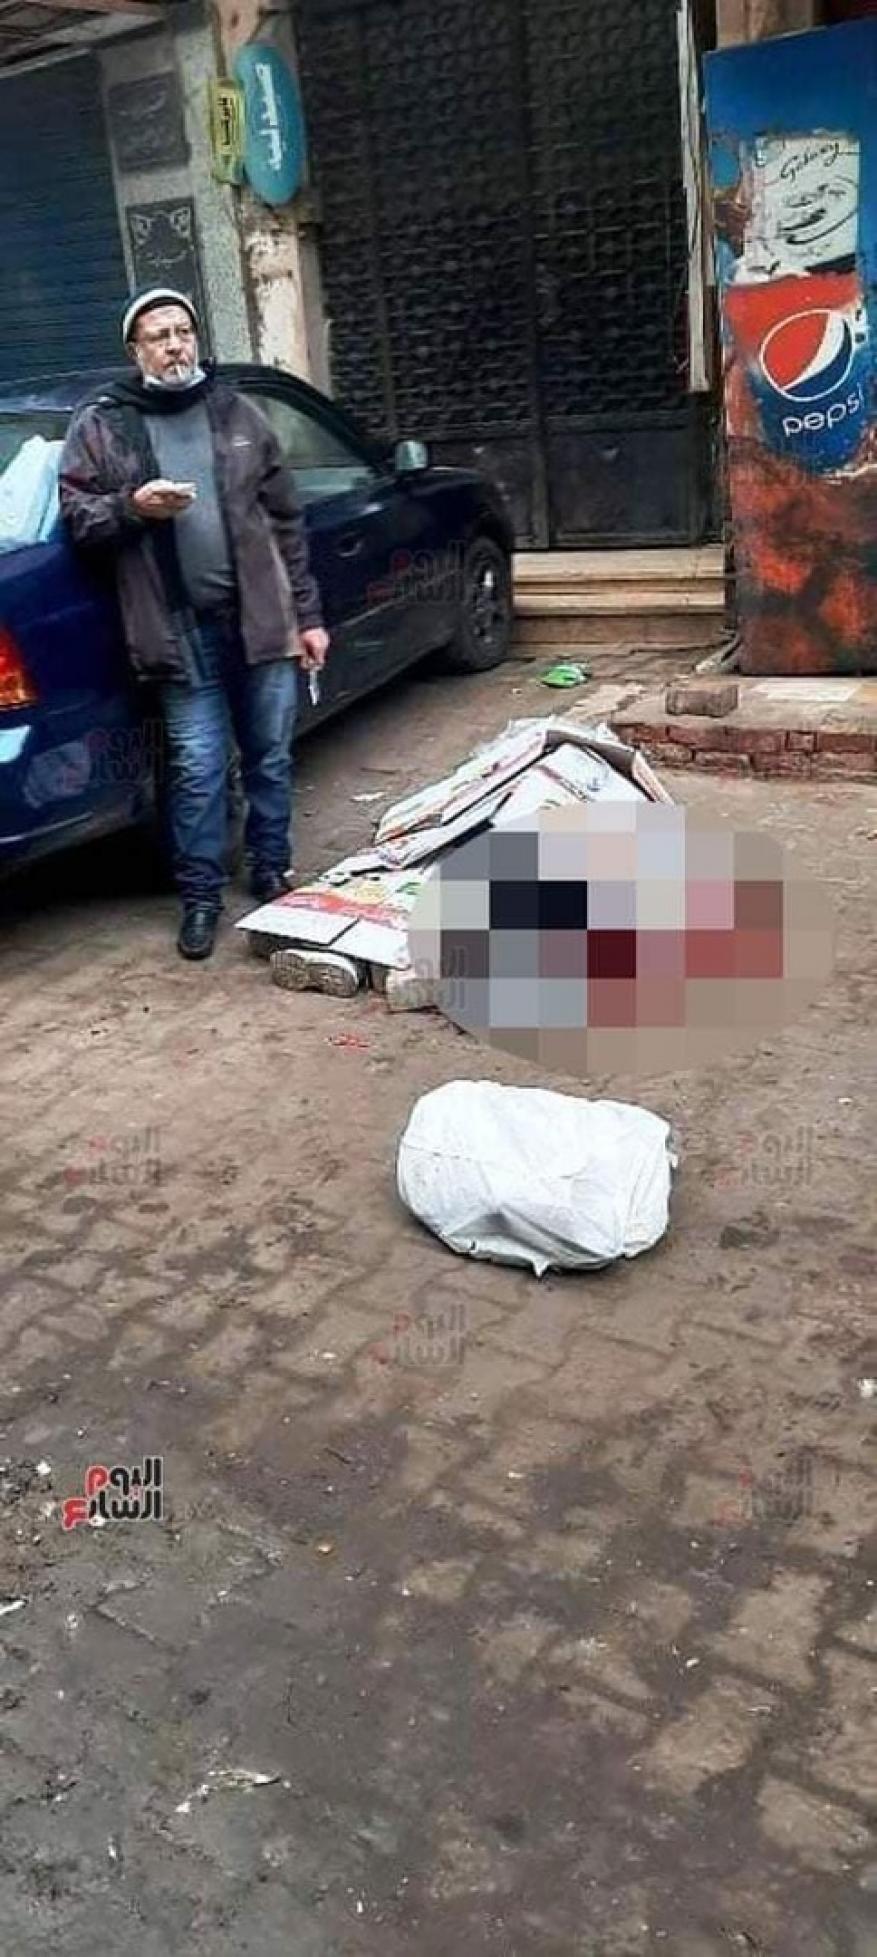 """تفاصيل """"جريمة كورونا"""" بحق مدرسة مصرية: قتل زوجته ووقف يدخن سيجارة بانتظار الشرطة"""